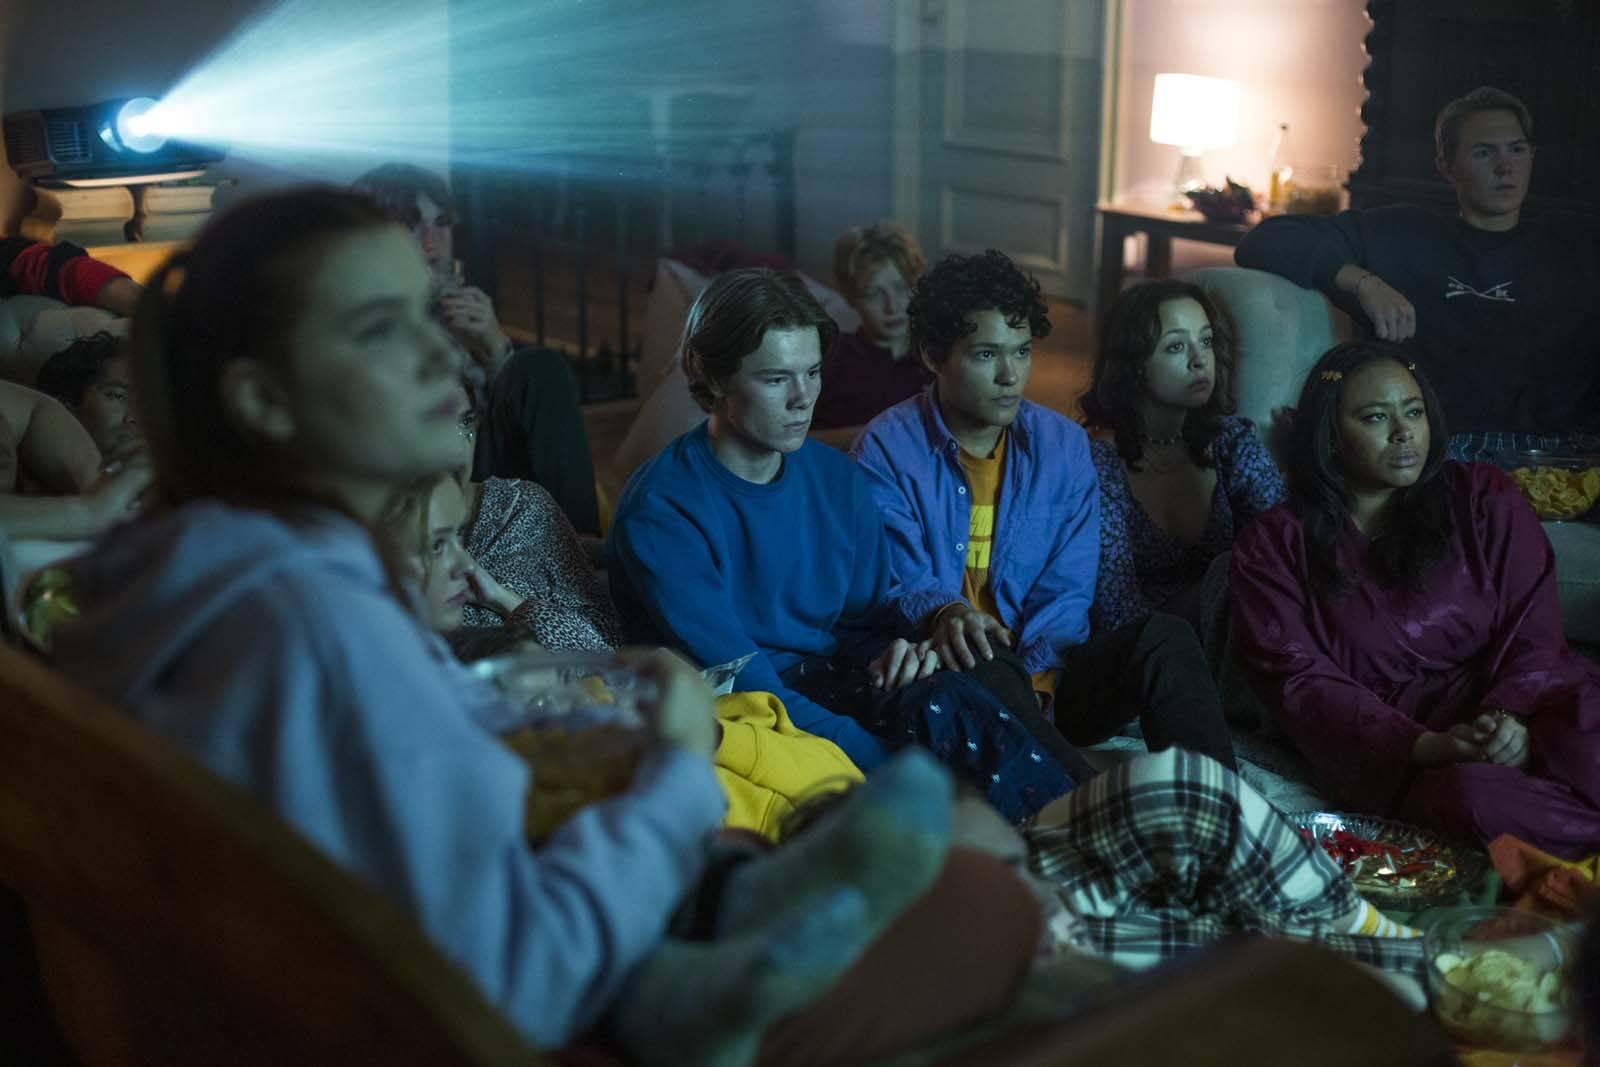 Cena da série Young Royals. A imagem mostra um grupo de adolescentes assistindo filme numa sala grande. A imagem é capturada meio de lado, num panorama do lado direito, e o foco está num casal do jovens ao centro do grupo. Eles estão sentados no chão, ao redor de outros adolescentes, e são interpretados por Edvin Ryding e Omar Rudberg. Primeiro, do lado esquerdo, está Wilhelm, a personagem de Edvin, um adolescente branco de cabelos médios lisos e loiros. Ele veste um moletom azul escuro e está entrelaçando os dedos com as mãos de Simon, personagem de Omar. Simon é um adolescente negro de pele clara, de cabelos ondulados castanhos. Ele veste uma camisa jeans em cima de uma blusa amarela mostarda e suas mãos estão em cima do joelho de Wilhelm. Os dois olham para a frente, e atrás deles existe um aparelho que projeta uma luz na frente deles. Ao redor, existem outros adolescentes sentados nos sofás e no chão, ao centro, assim como os dois, e também vasilhas com pipocas e doces.